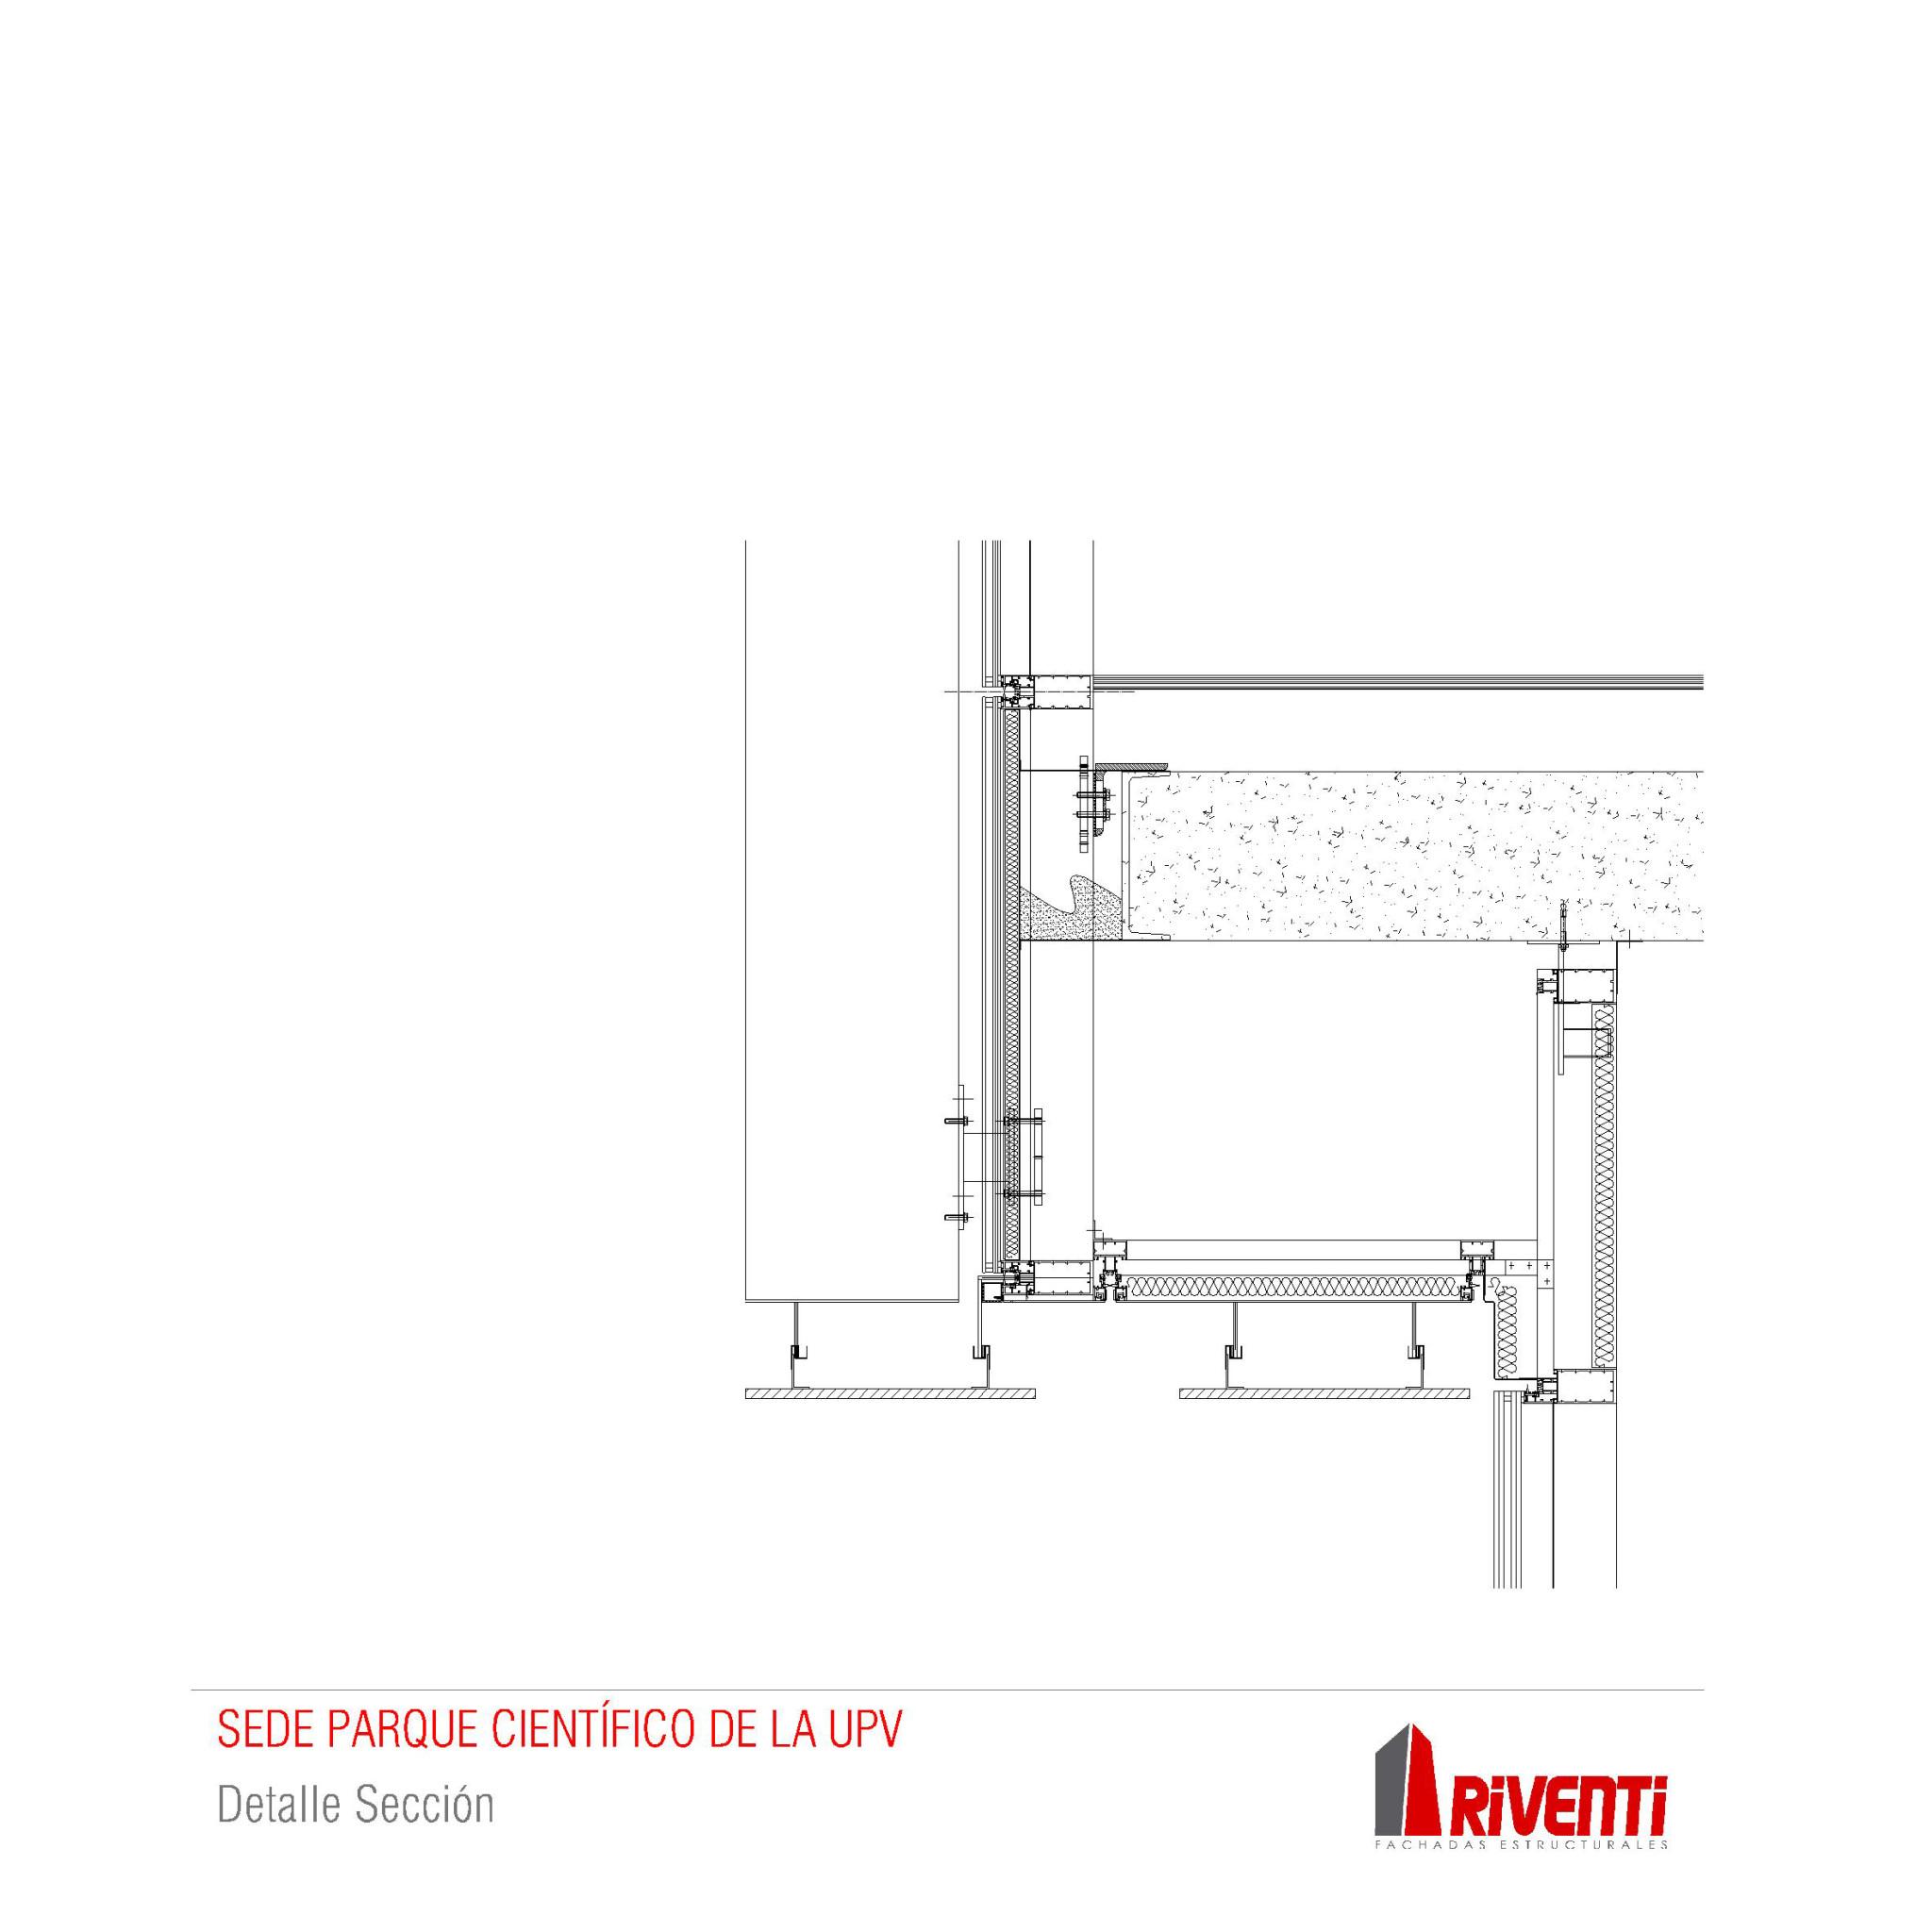 fachada-doble-piel-deploye-sede-parque-cientifico-upv-muro-cortina-riventi_detalle-seccion (2)